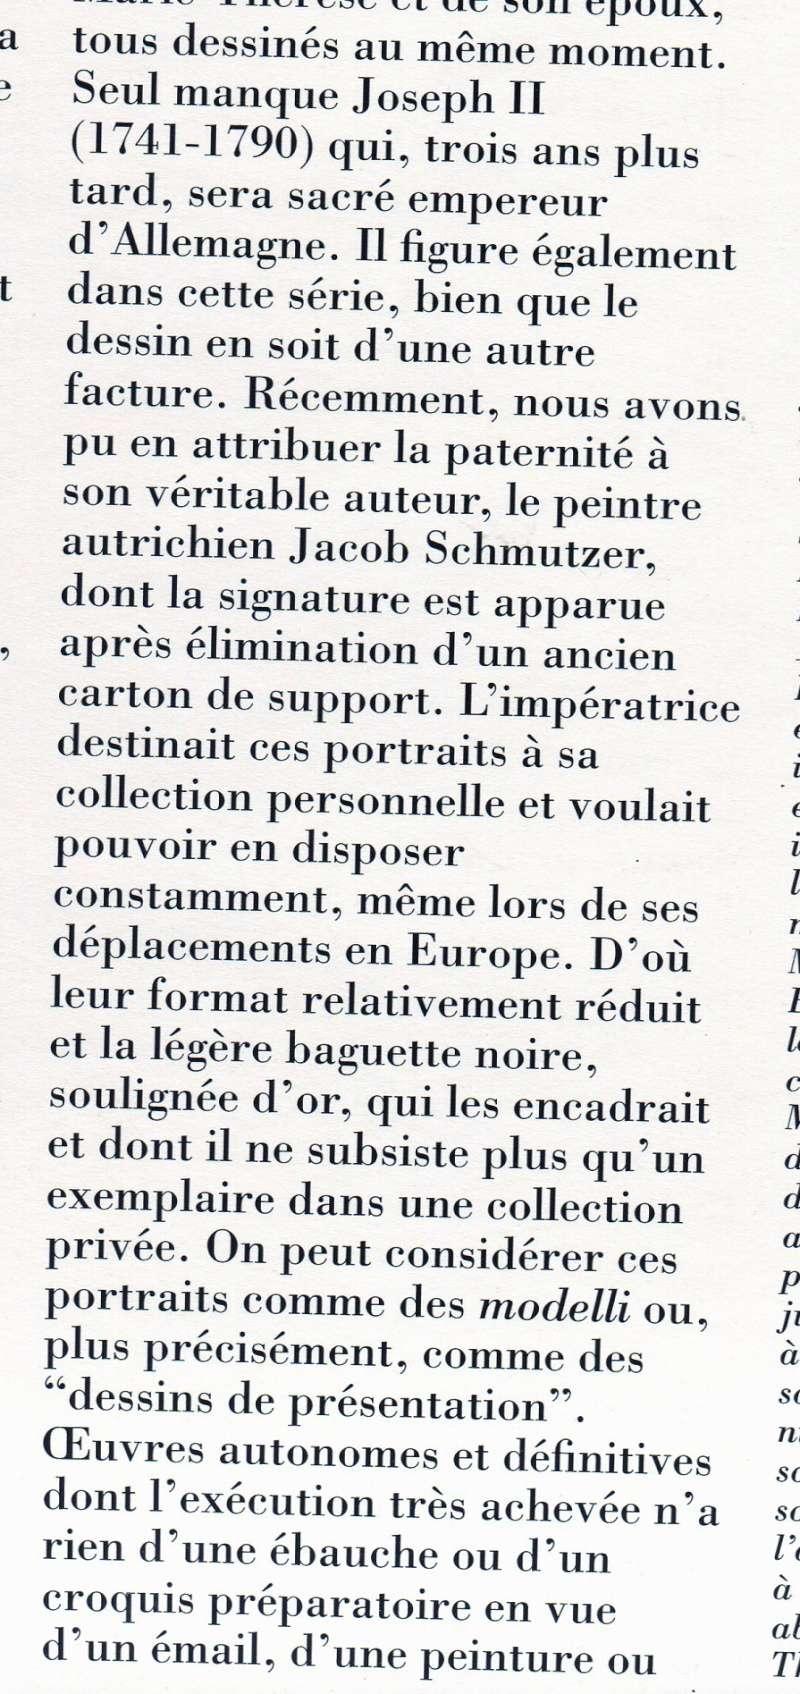 Portraits de la famille impériale par Jean-Etienne Liotard - Page 2 Azs10